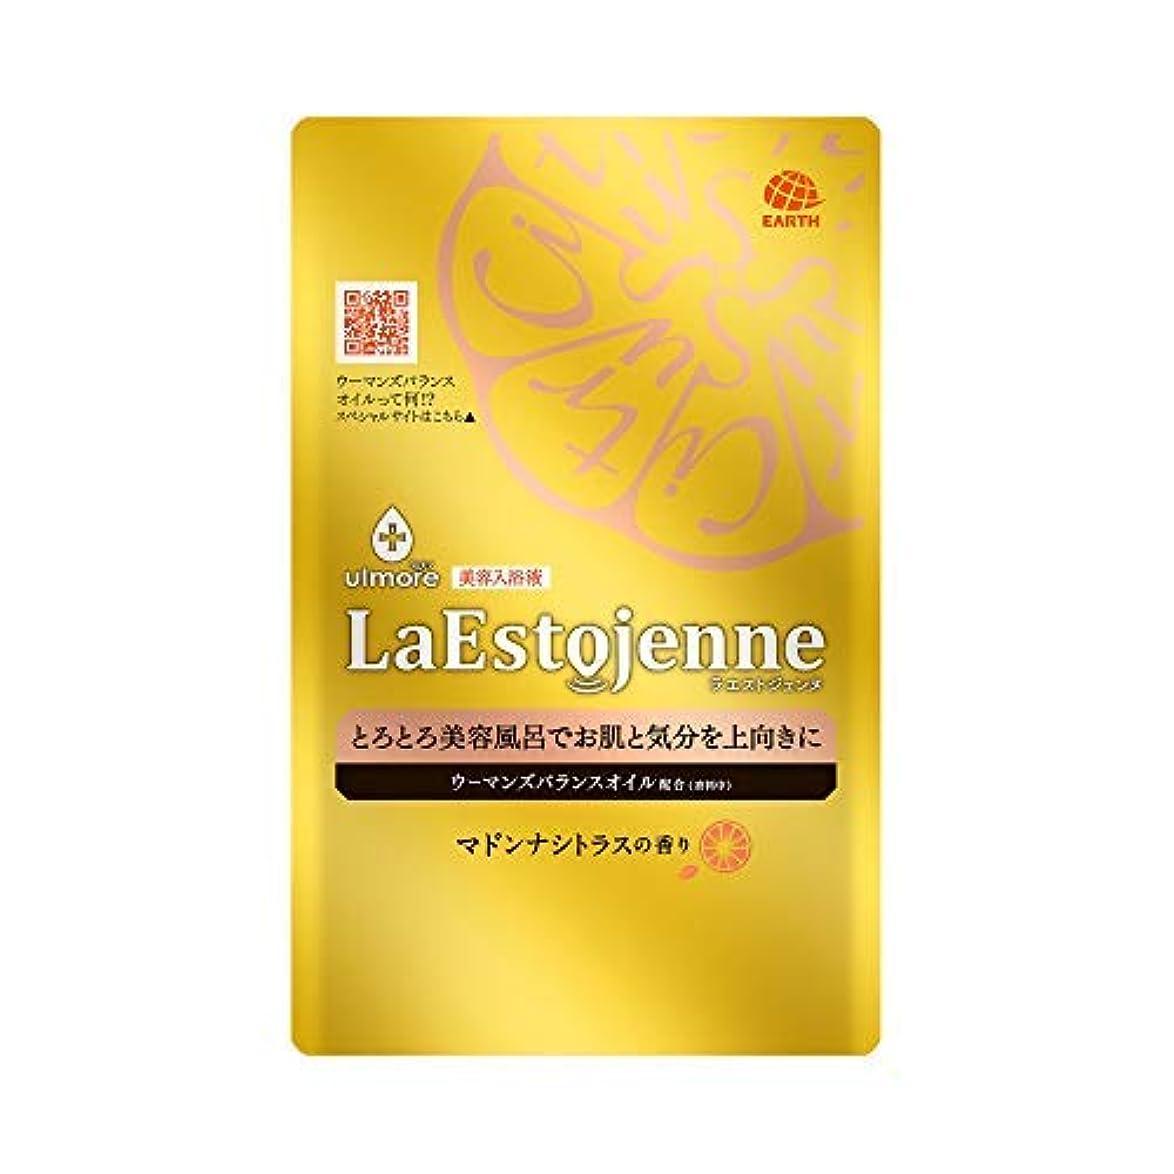 ブランドヒット蓮ウルモア ラエストジェンヌ マドンナシトラスの香り 1包 × 12個セット